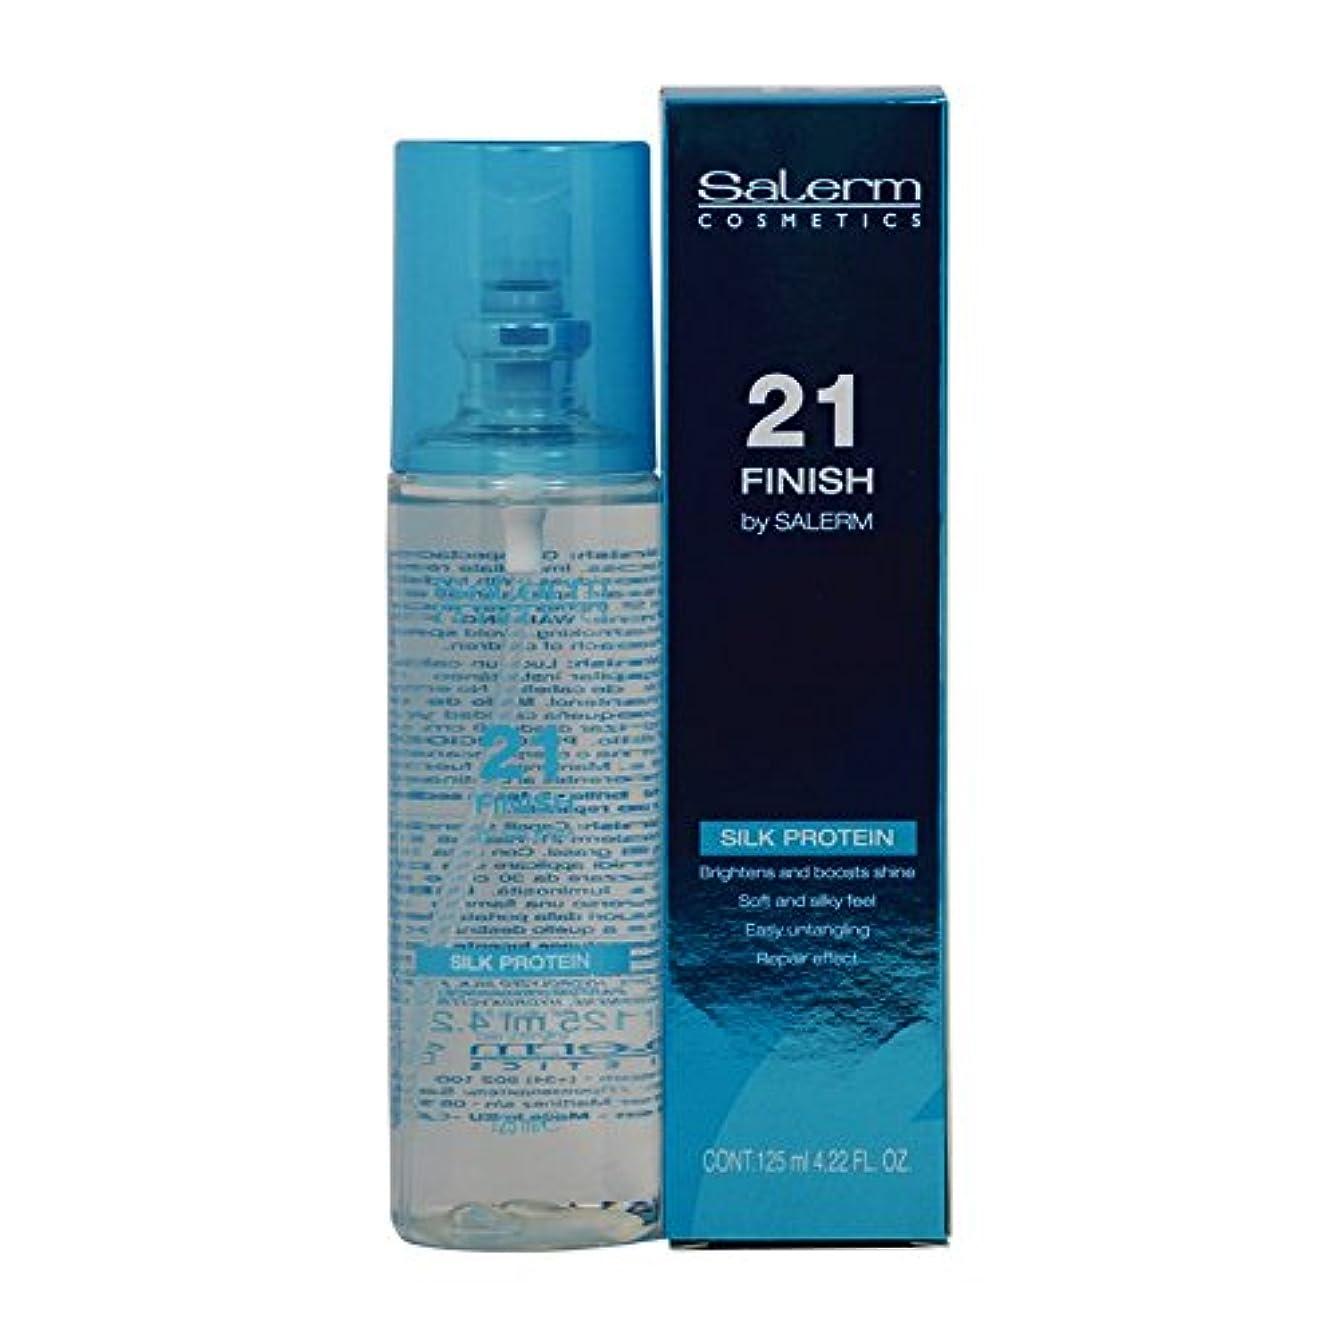 デモンストレーションあなたが良くなります告白するSalerm 21完了絹タンパク質4.22オンススプレー 4.22液量オンス